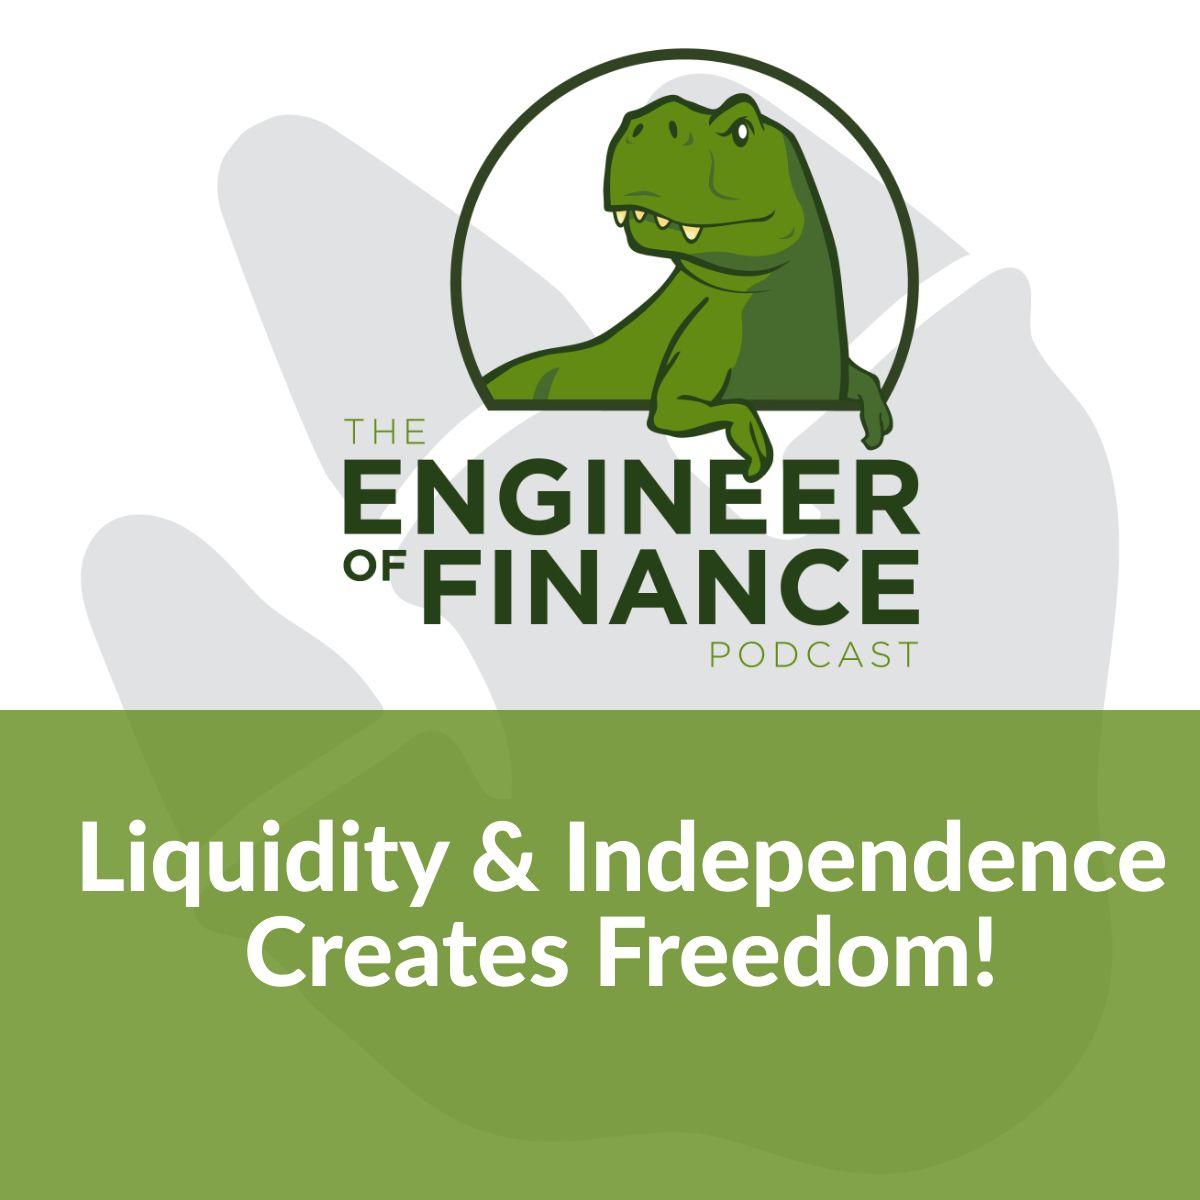 Liquidity & Independence Creates Freedom! – Episode 114